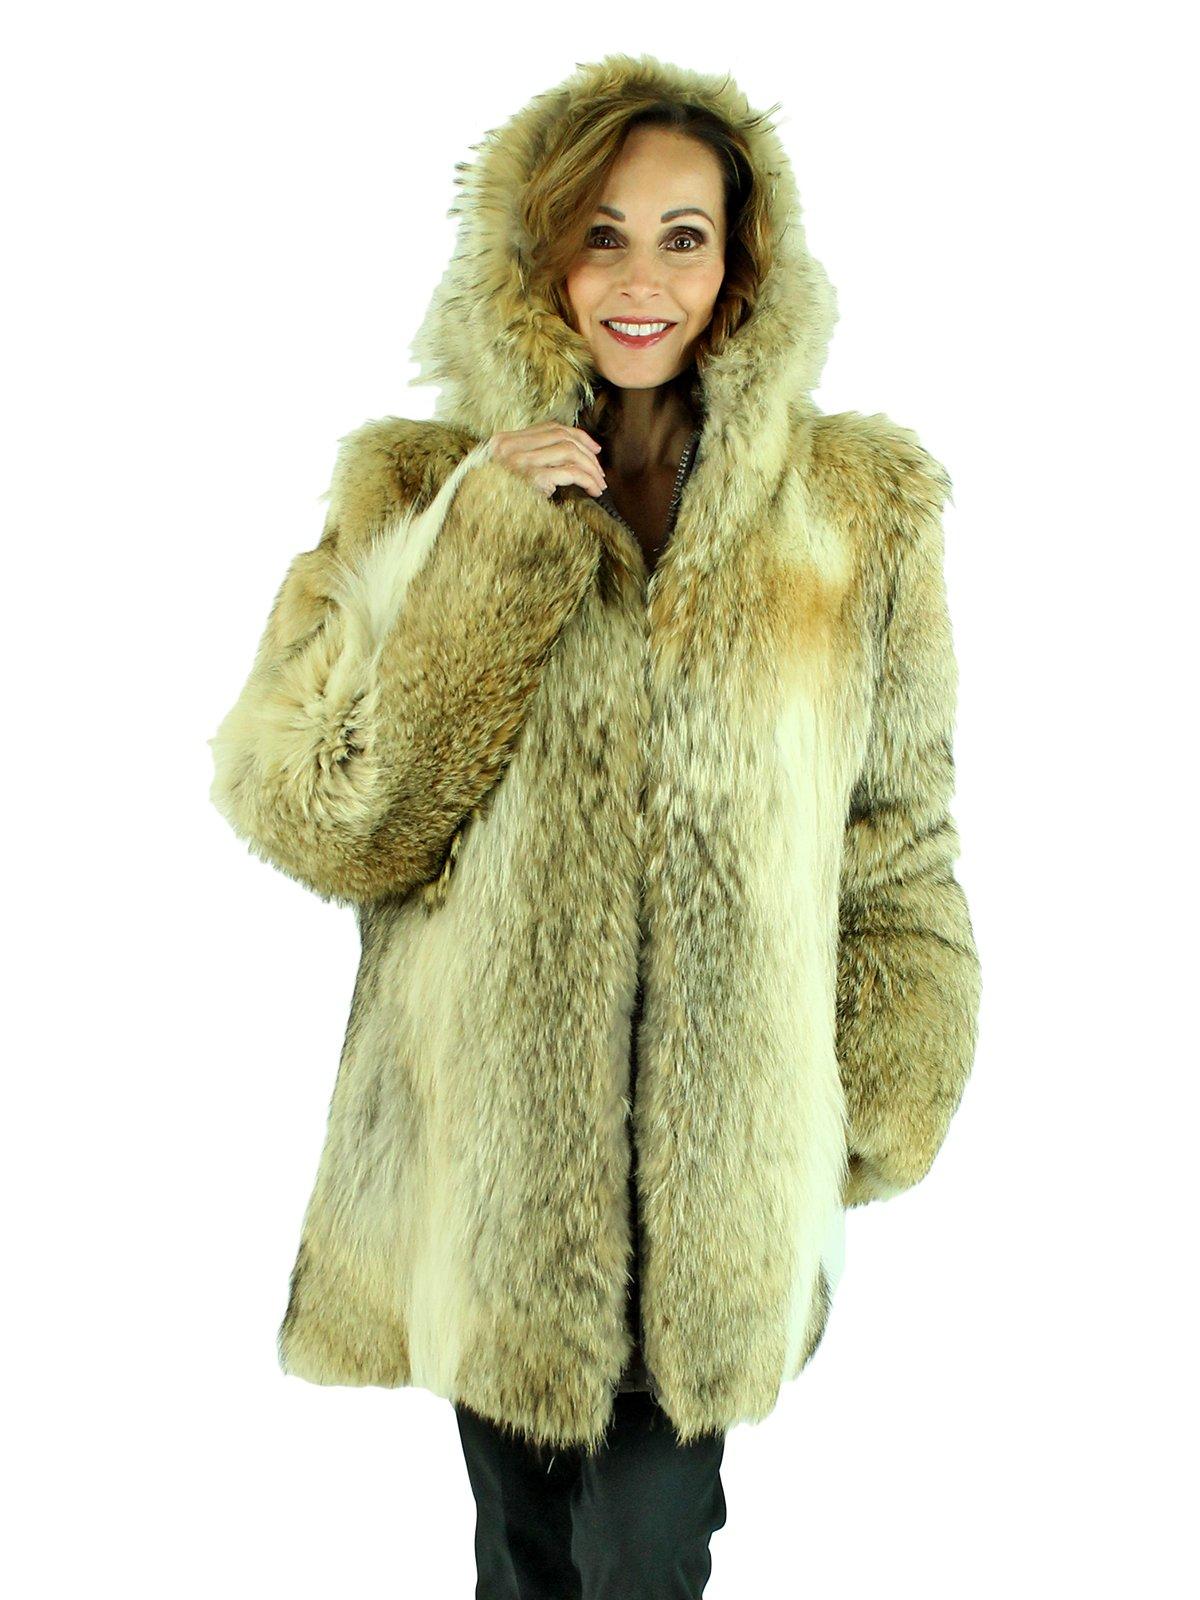 Coyote Fur Coat Womens Large Estate Furs >> Natural Coyote Fur Coat Women S Fur Coat Large Estate Furs